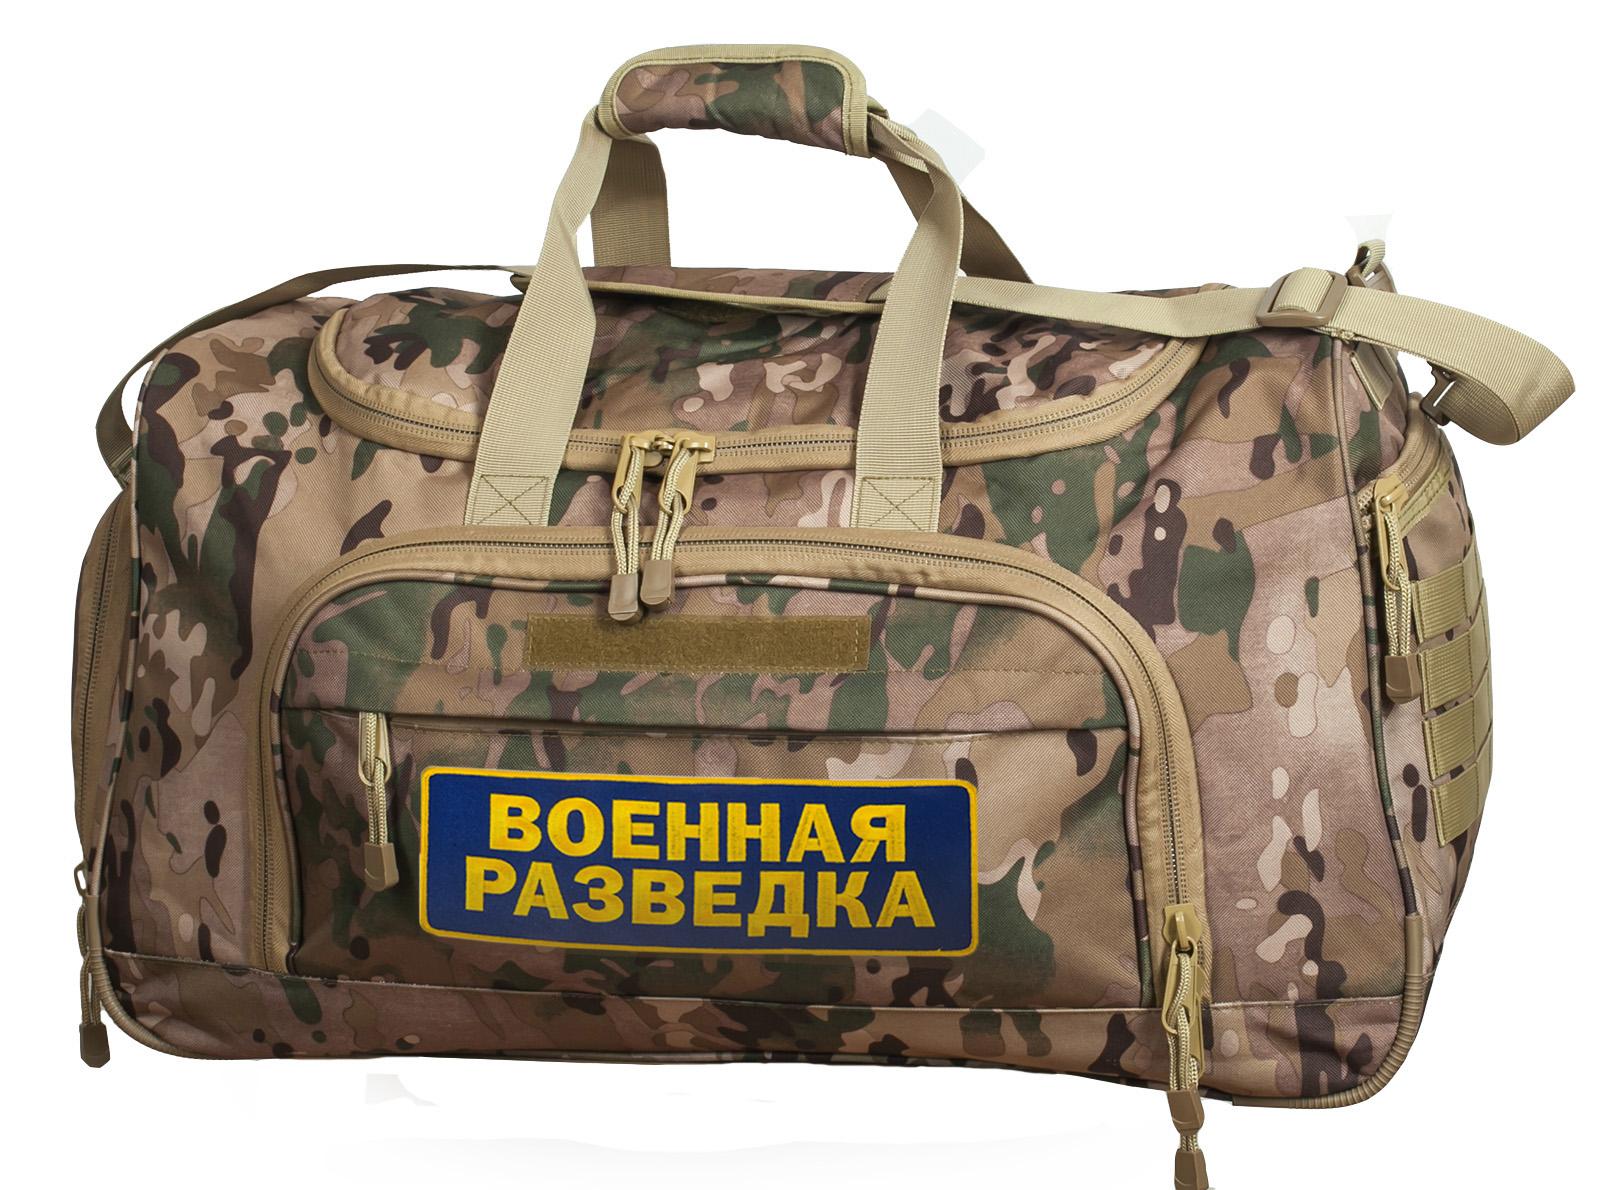 Купить мужскую дорожную сумку разведчика в интернет магазине Военпро